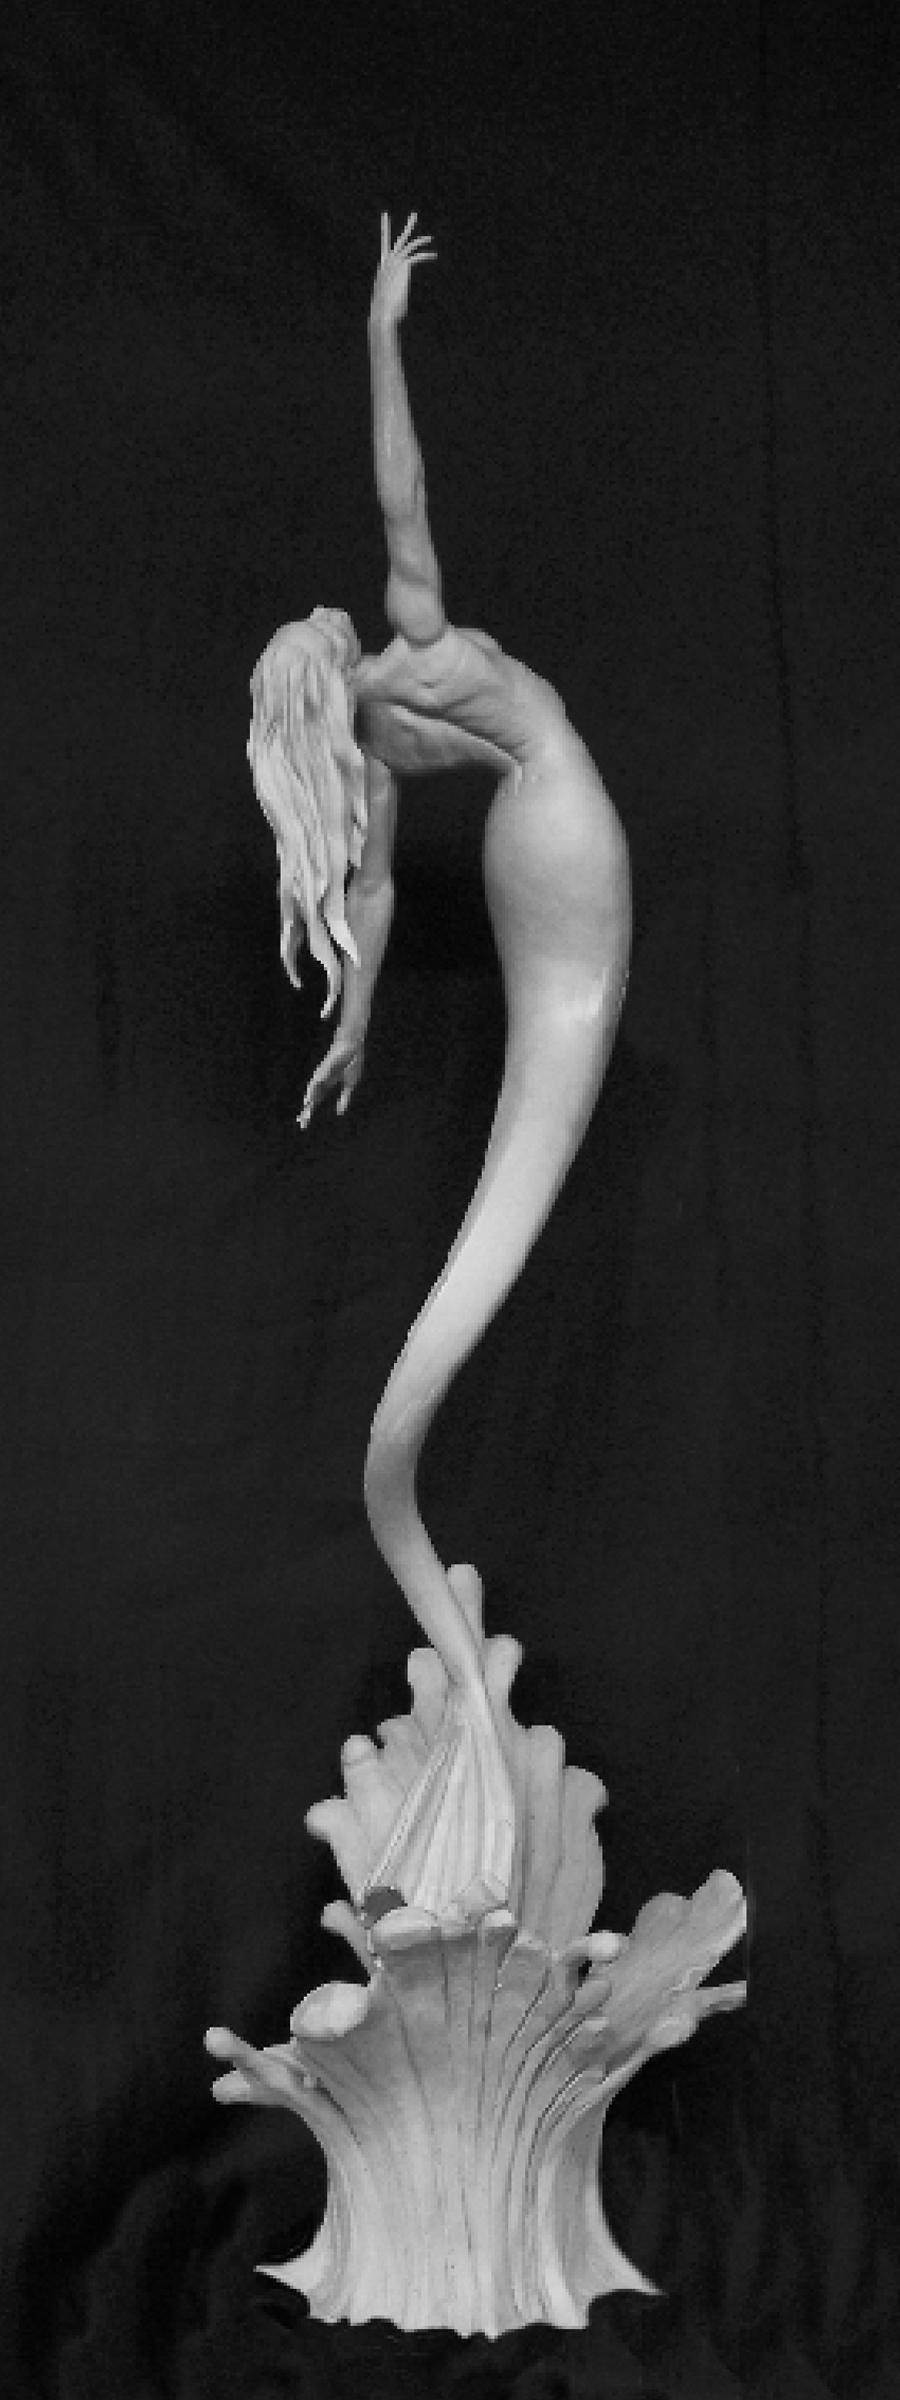 Mermaid Sculpture by Karl Deen Sanders